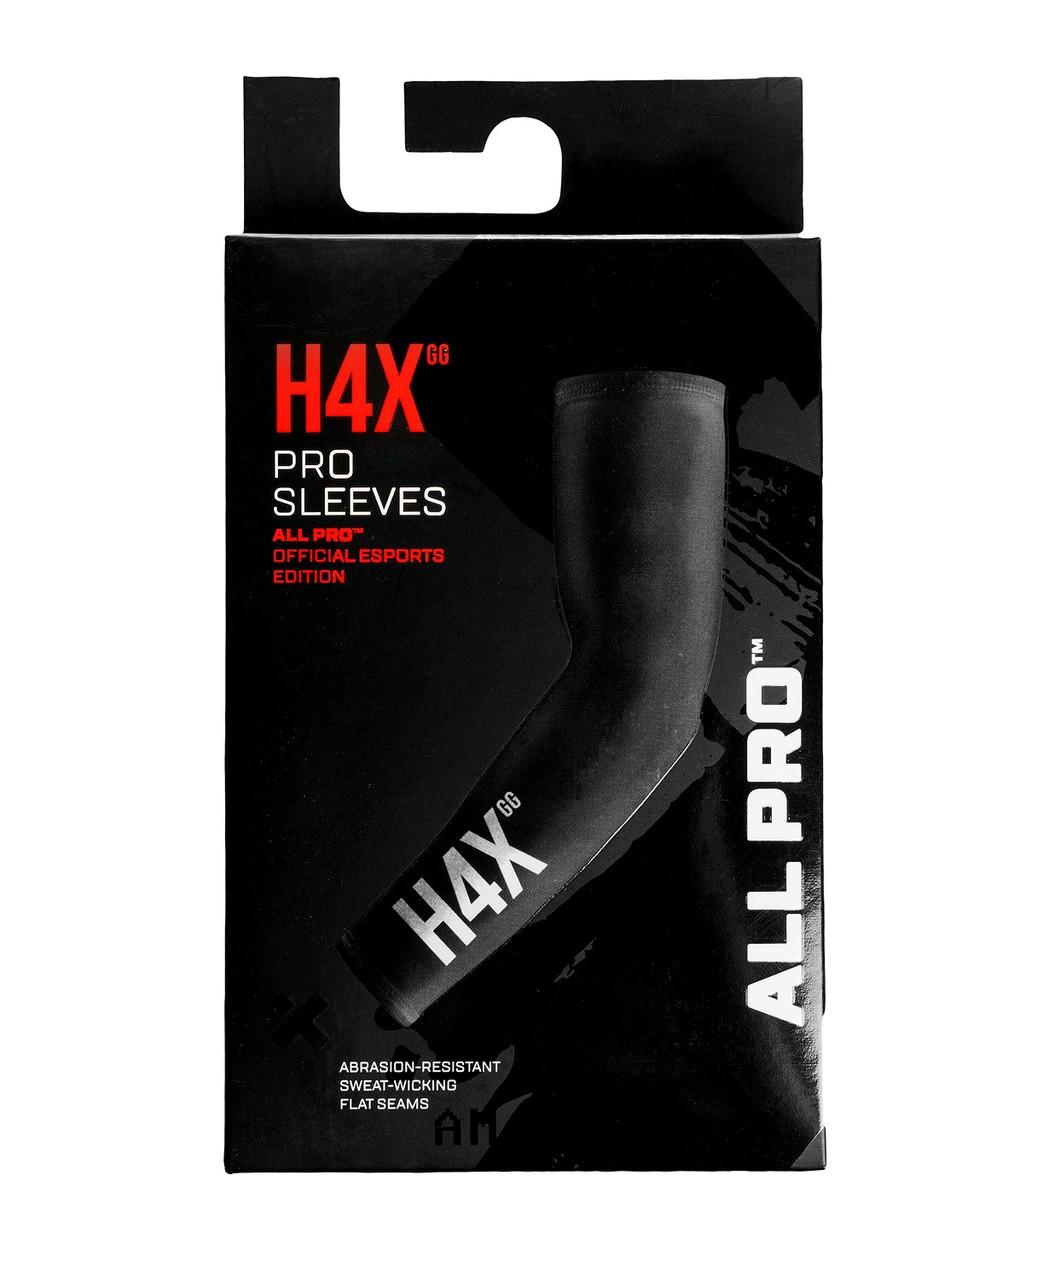 H4x Компрессионные рукава для спорта - Е2